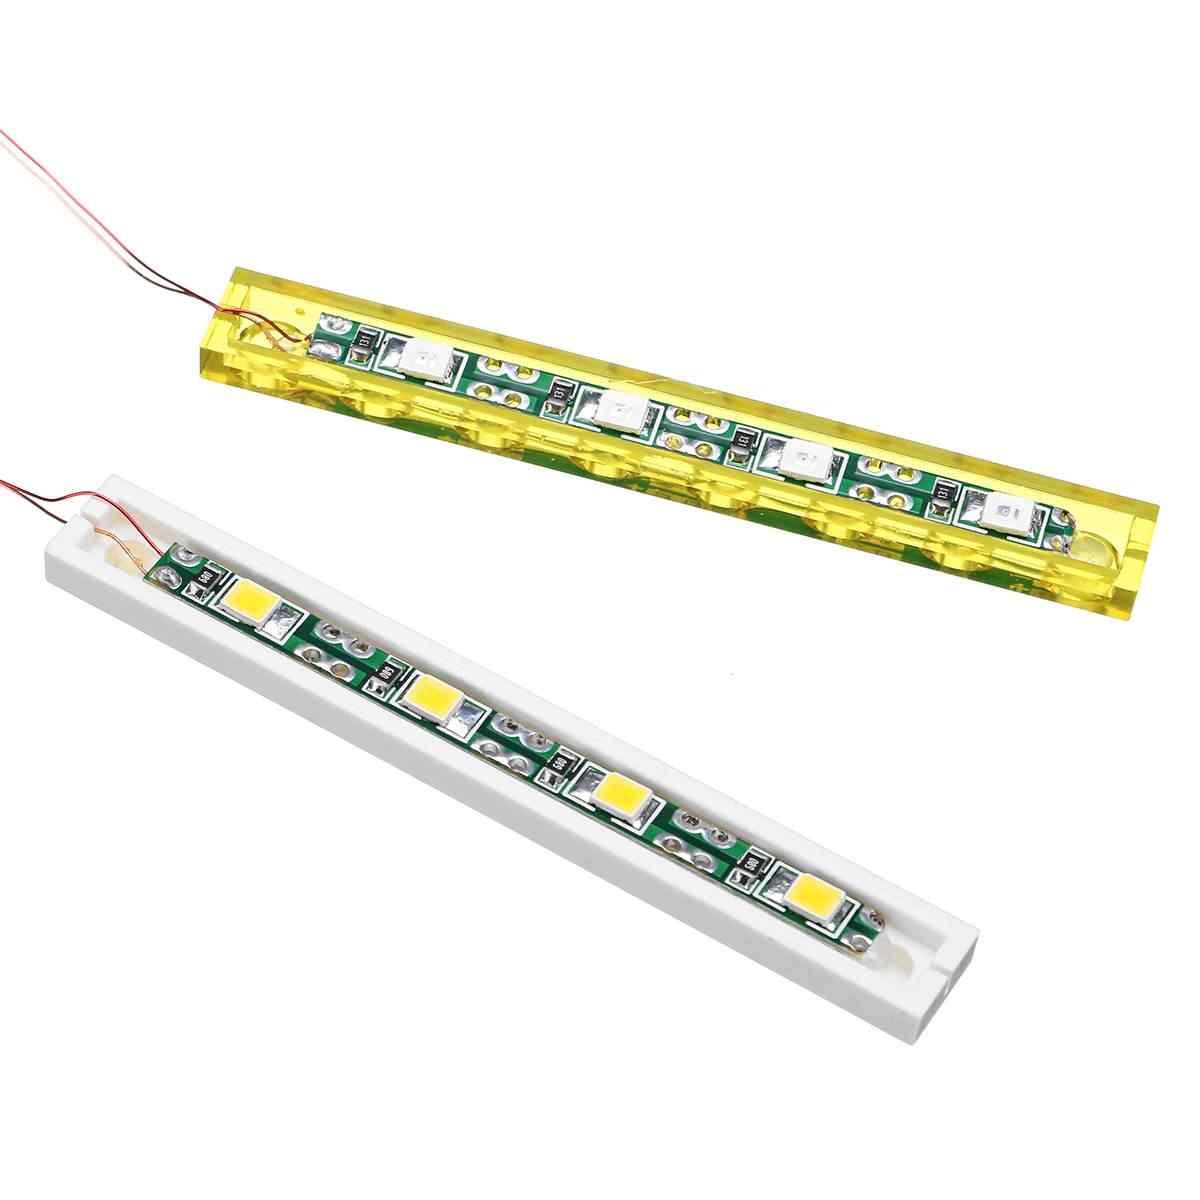 Zestaw oświetlenia LED dla Lego dla 21310 cegły dla stary sklep wędkarski klocki Model zestaw oświetlenia (Model nie jest wliczony w cenę)